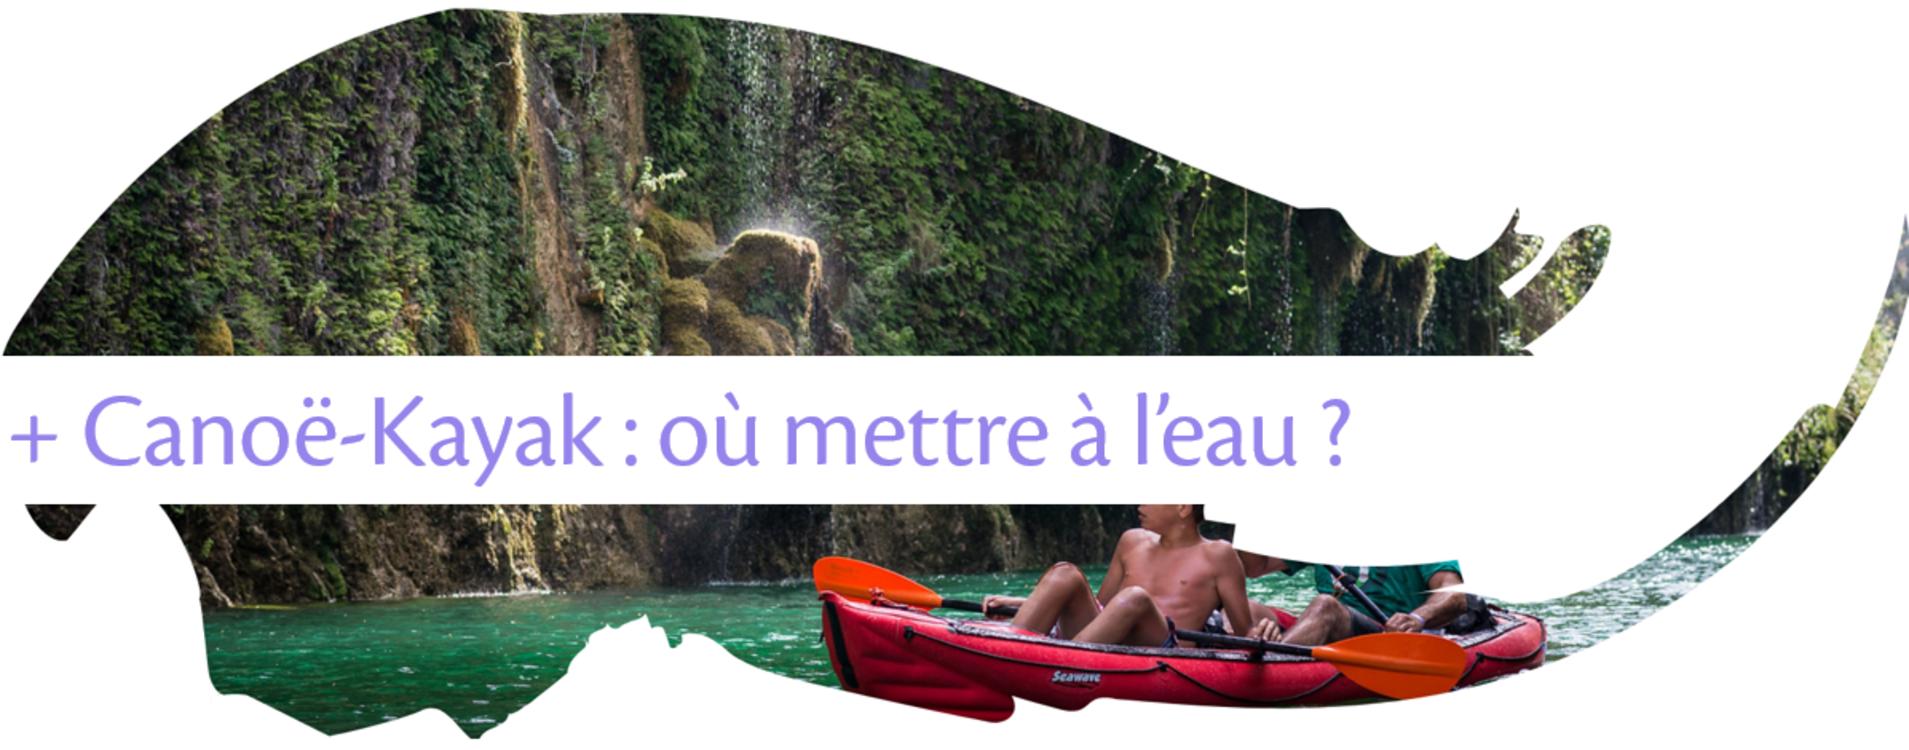 Canoë-kayak : les spots de mise à l'eau du Parc du Verdon